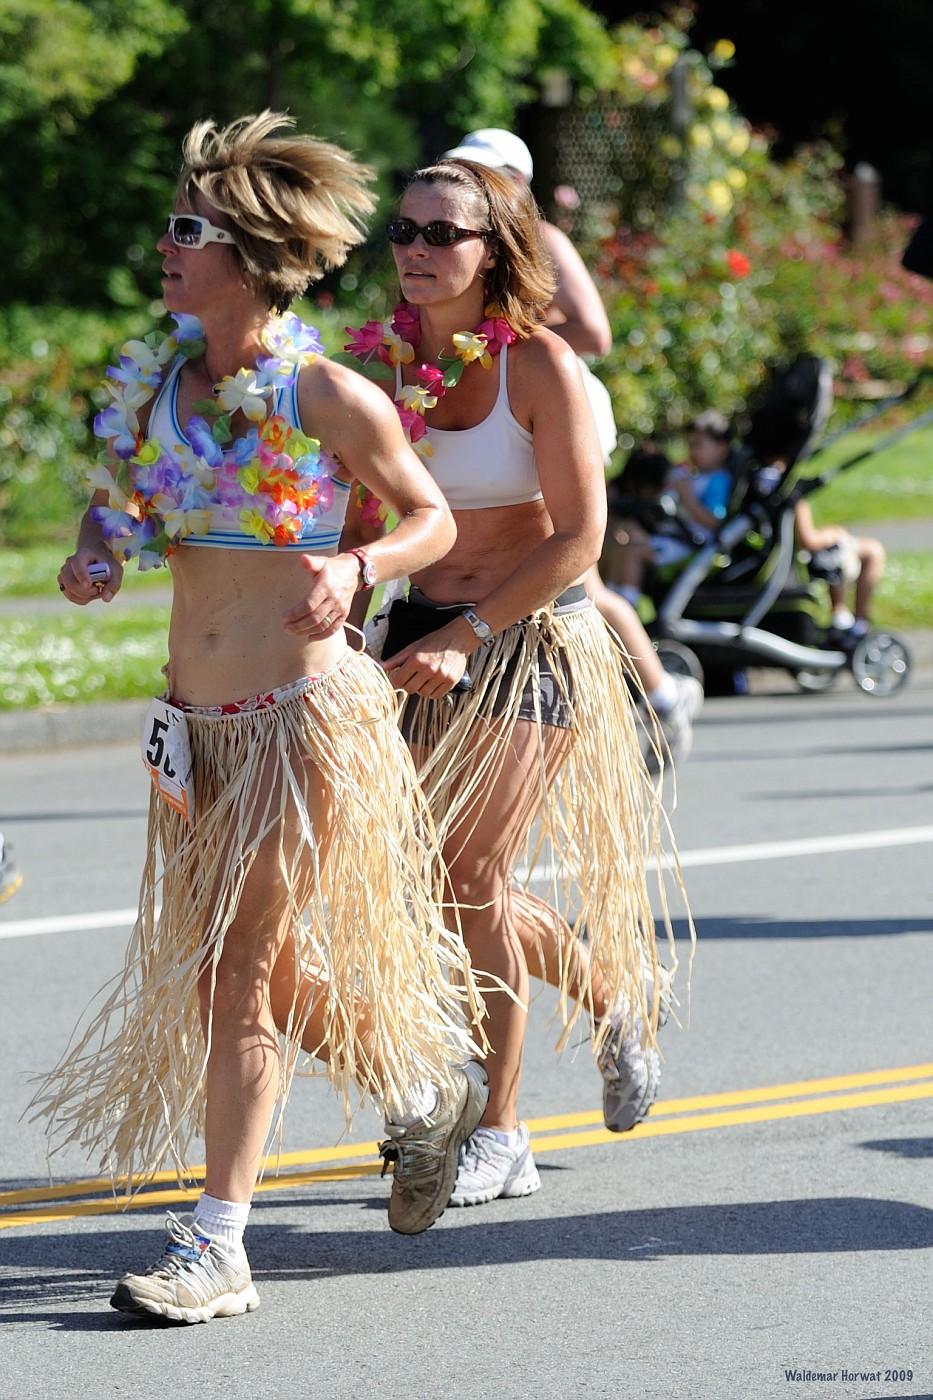 Women in Grass Skirts